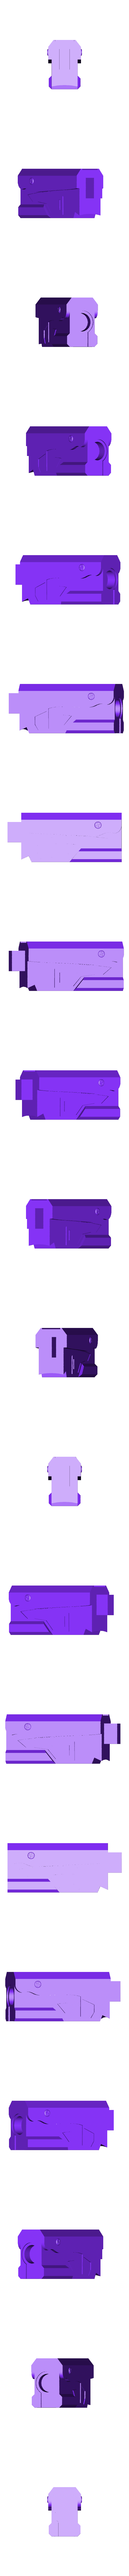 Main.stl Télécharger fichier STL gratuit Borderlands Bandit Room Clener Shotgun • Modèle pour impression 3D, Dsk